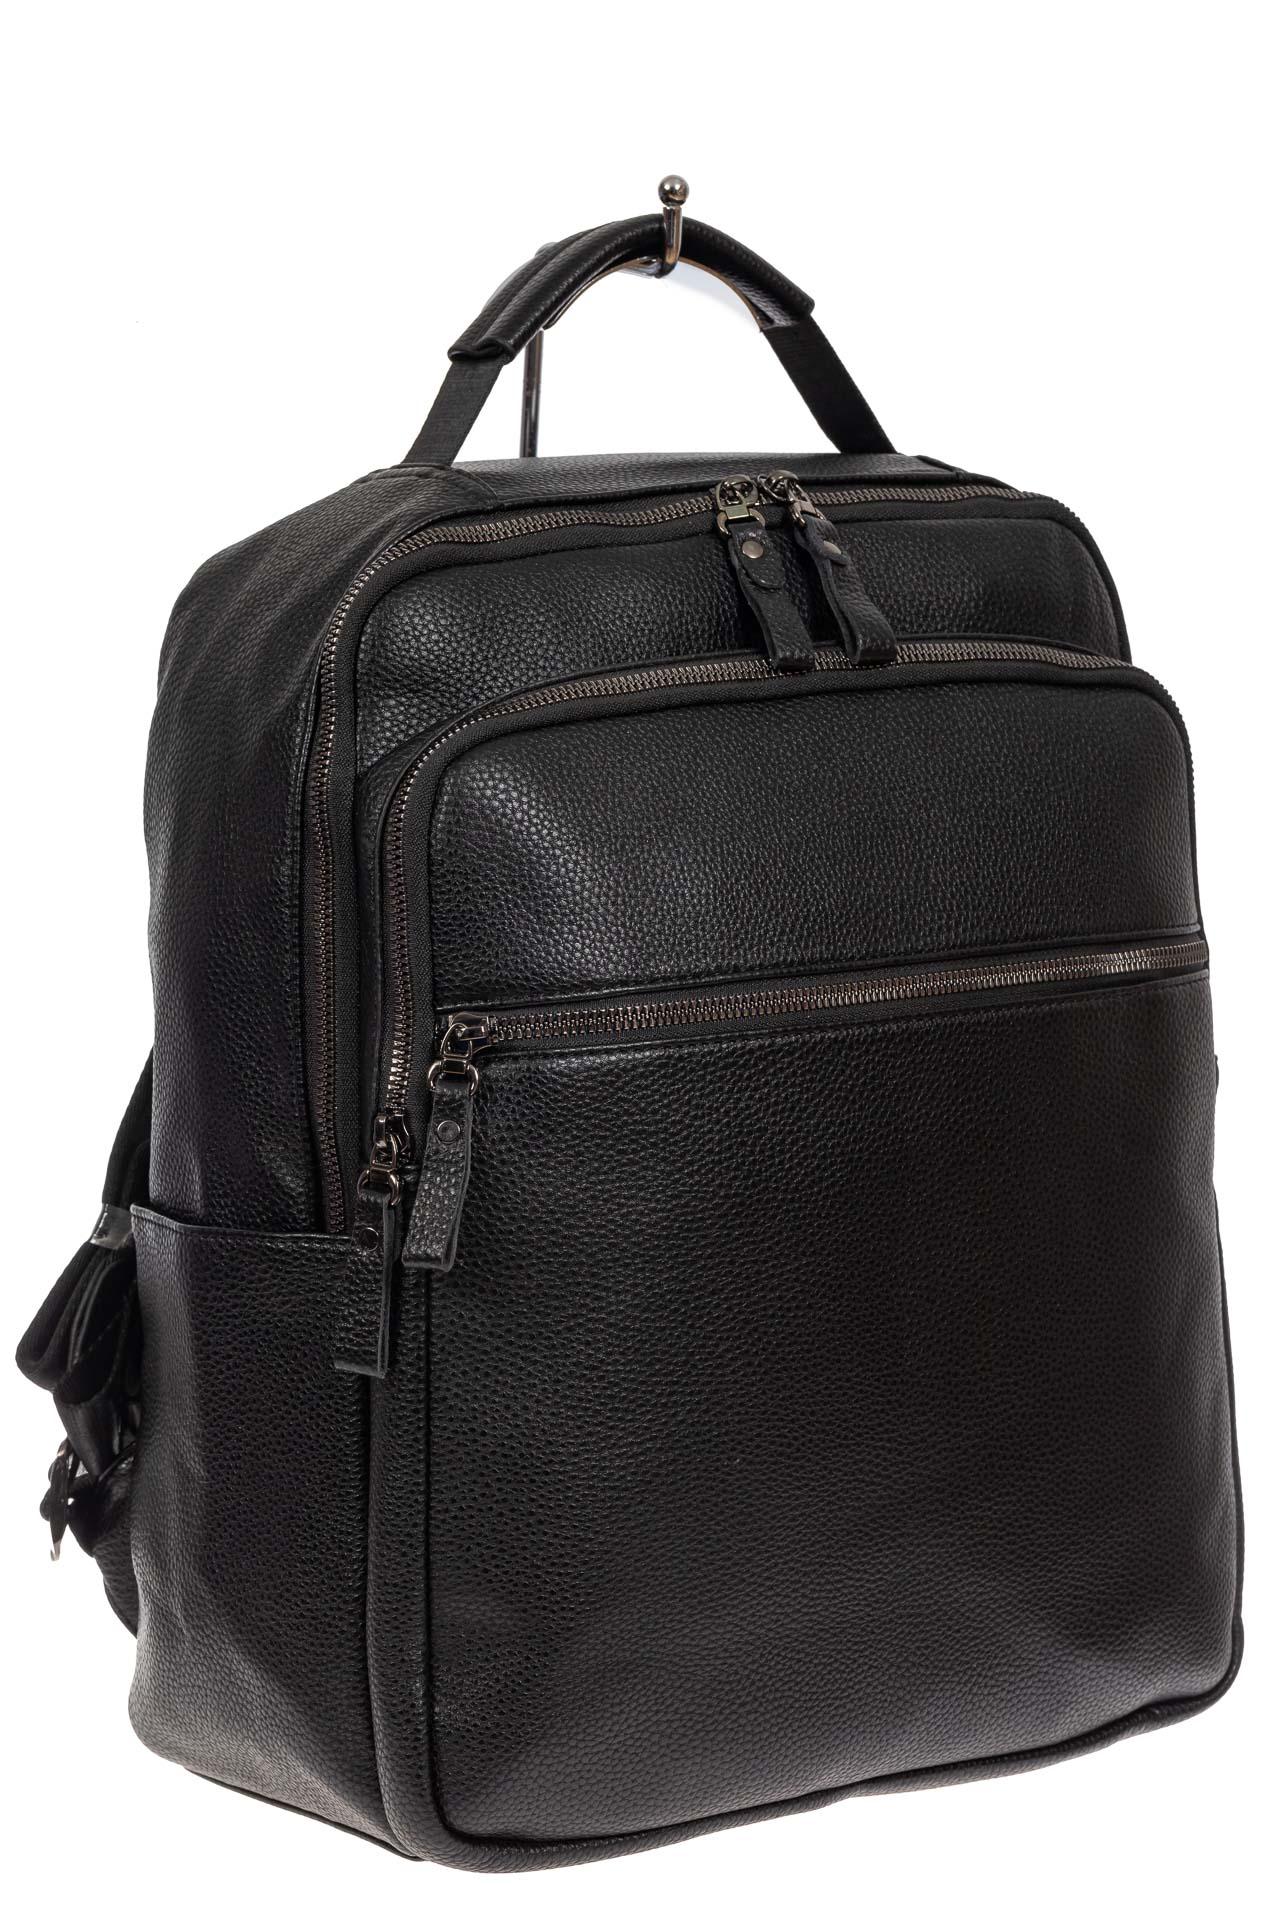 Мужской рюкзак из экокожи, цвет чёрный